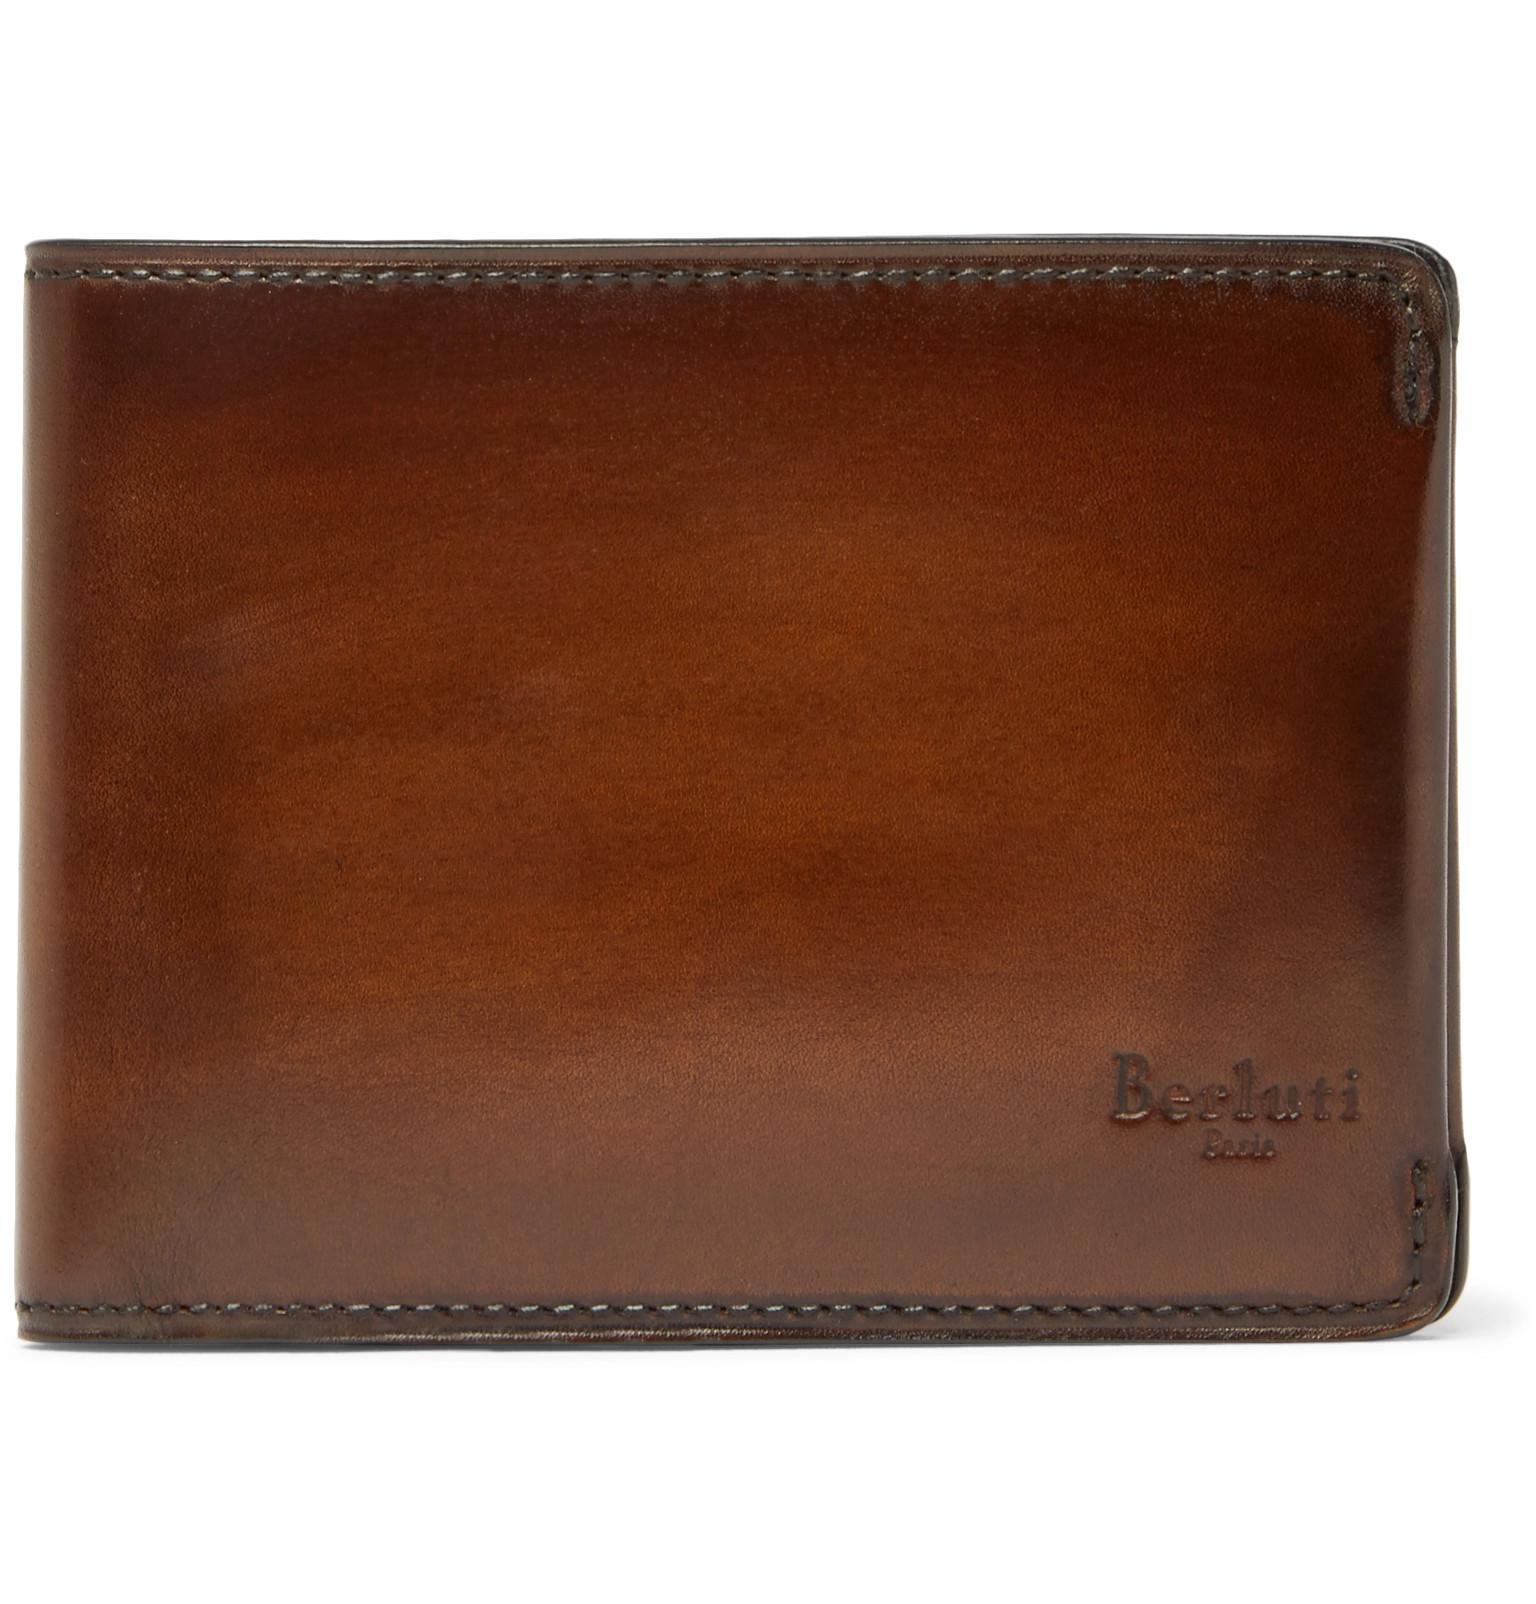 Berluti Leather Billfold Wallet in Tan (Brown) for Men - Lyst